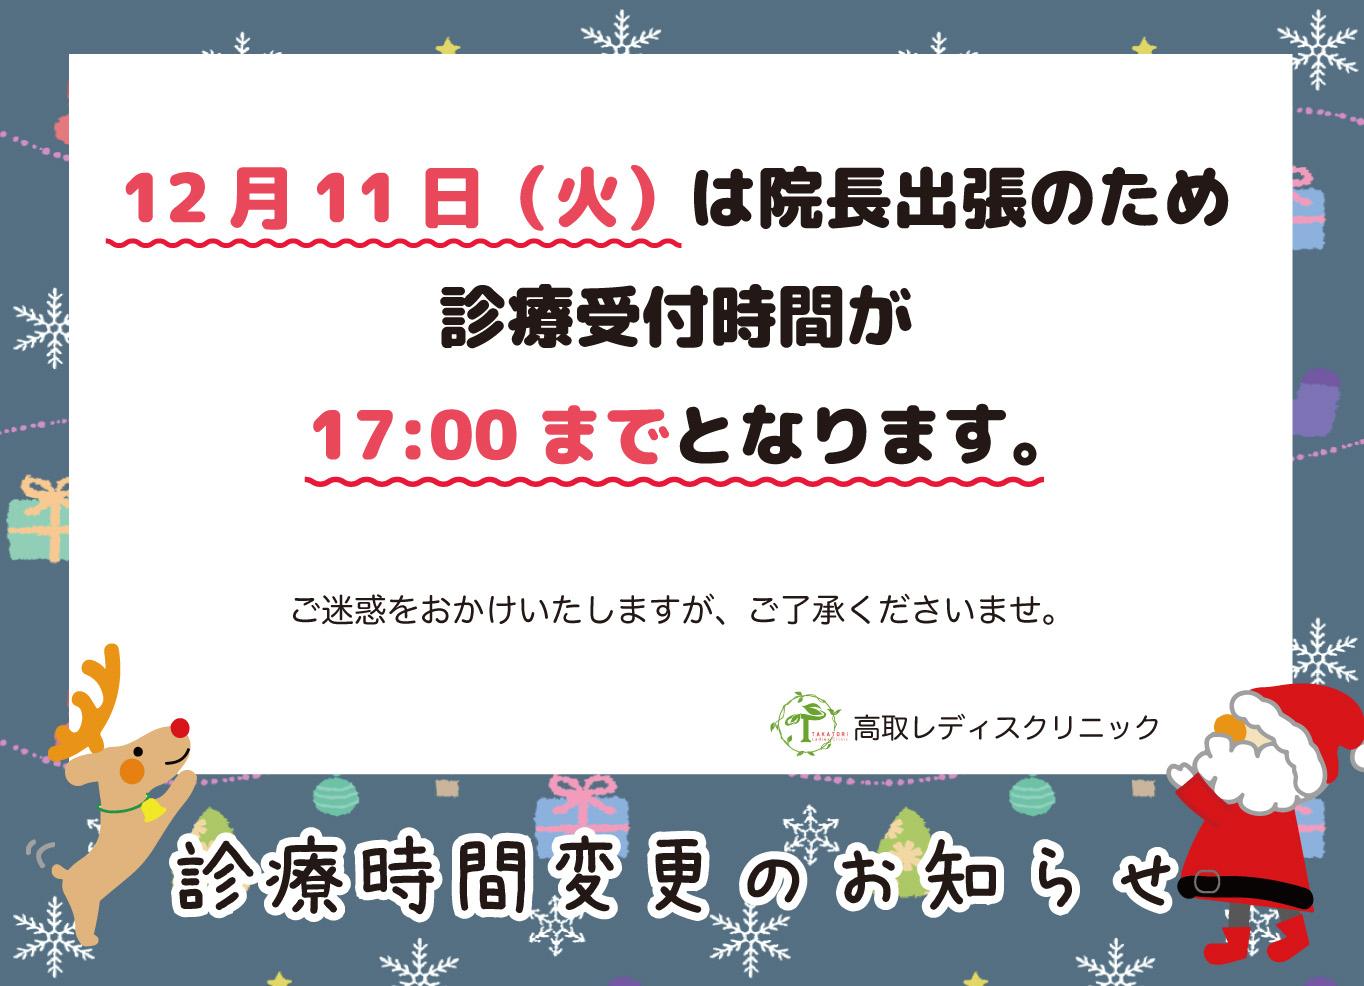 ☆12月11日診療時間変更のお知らせ☆